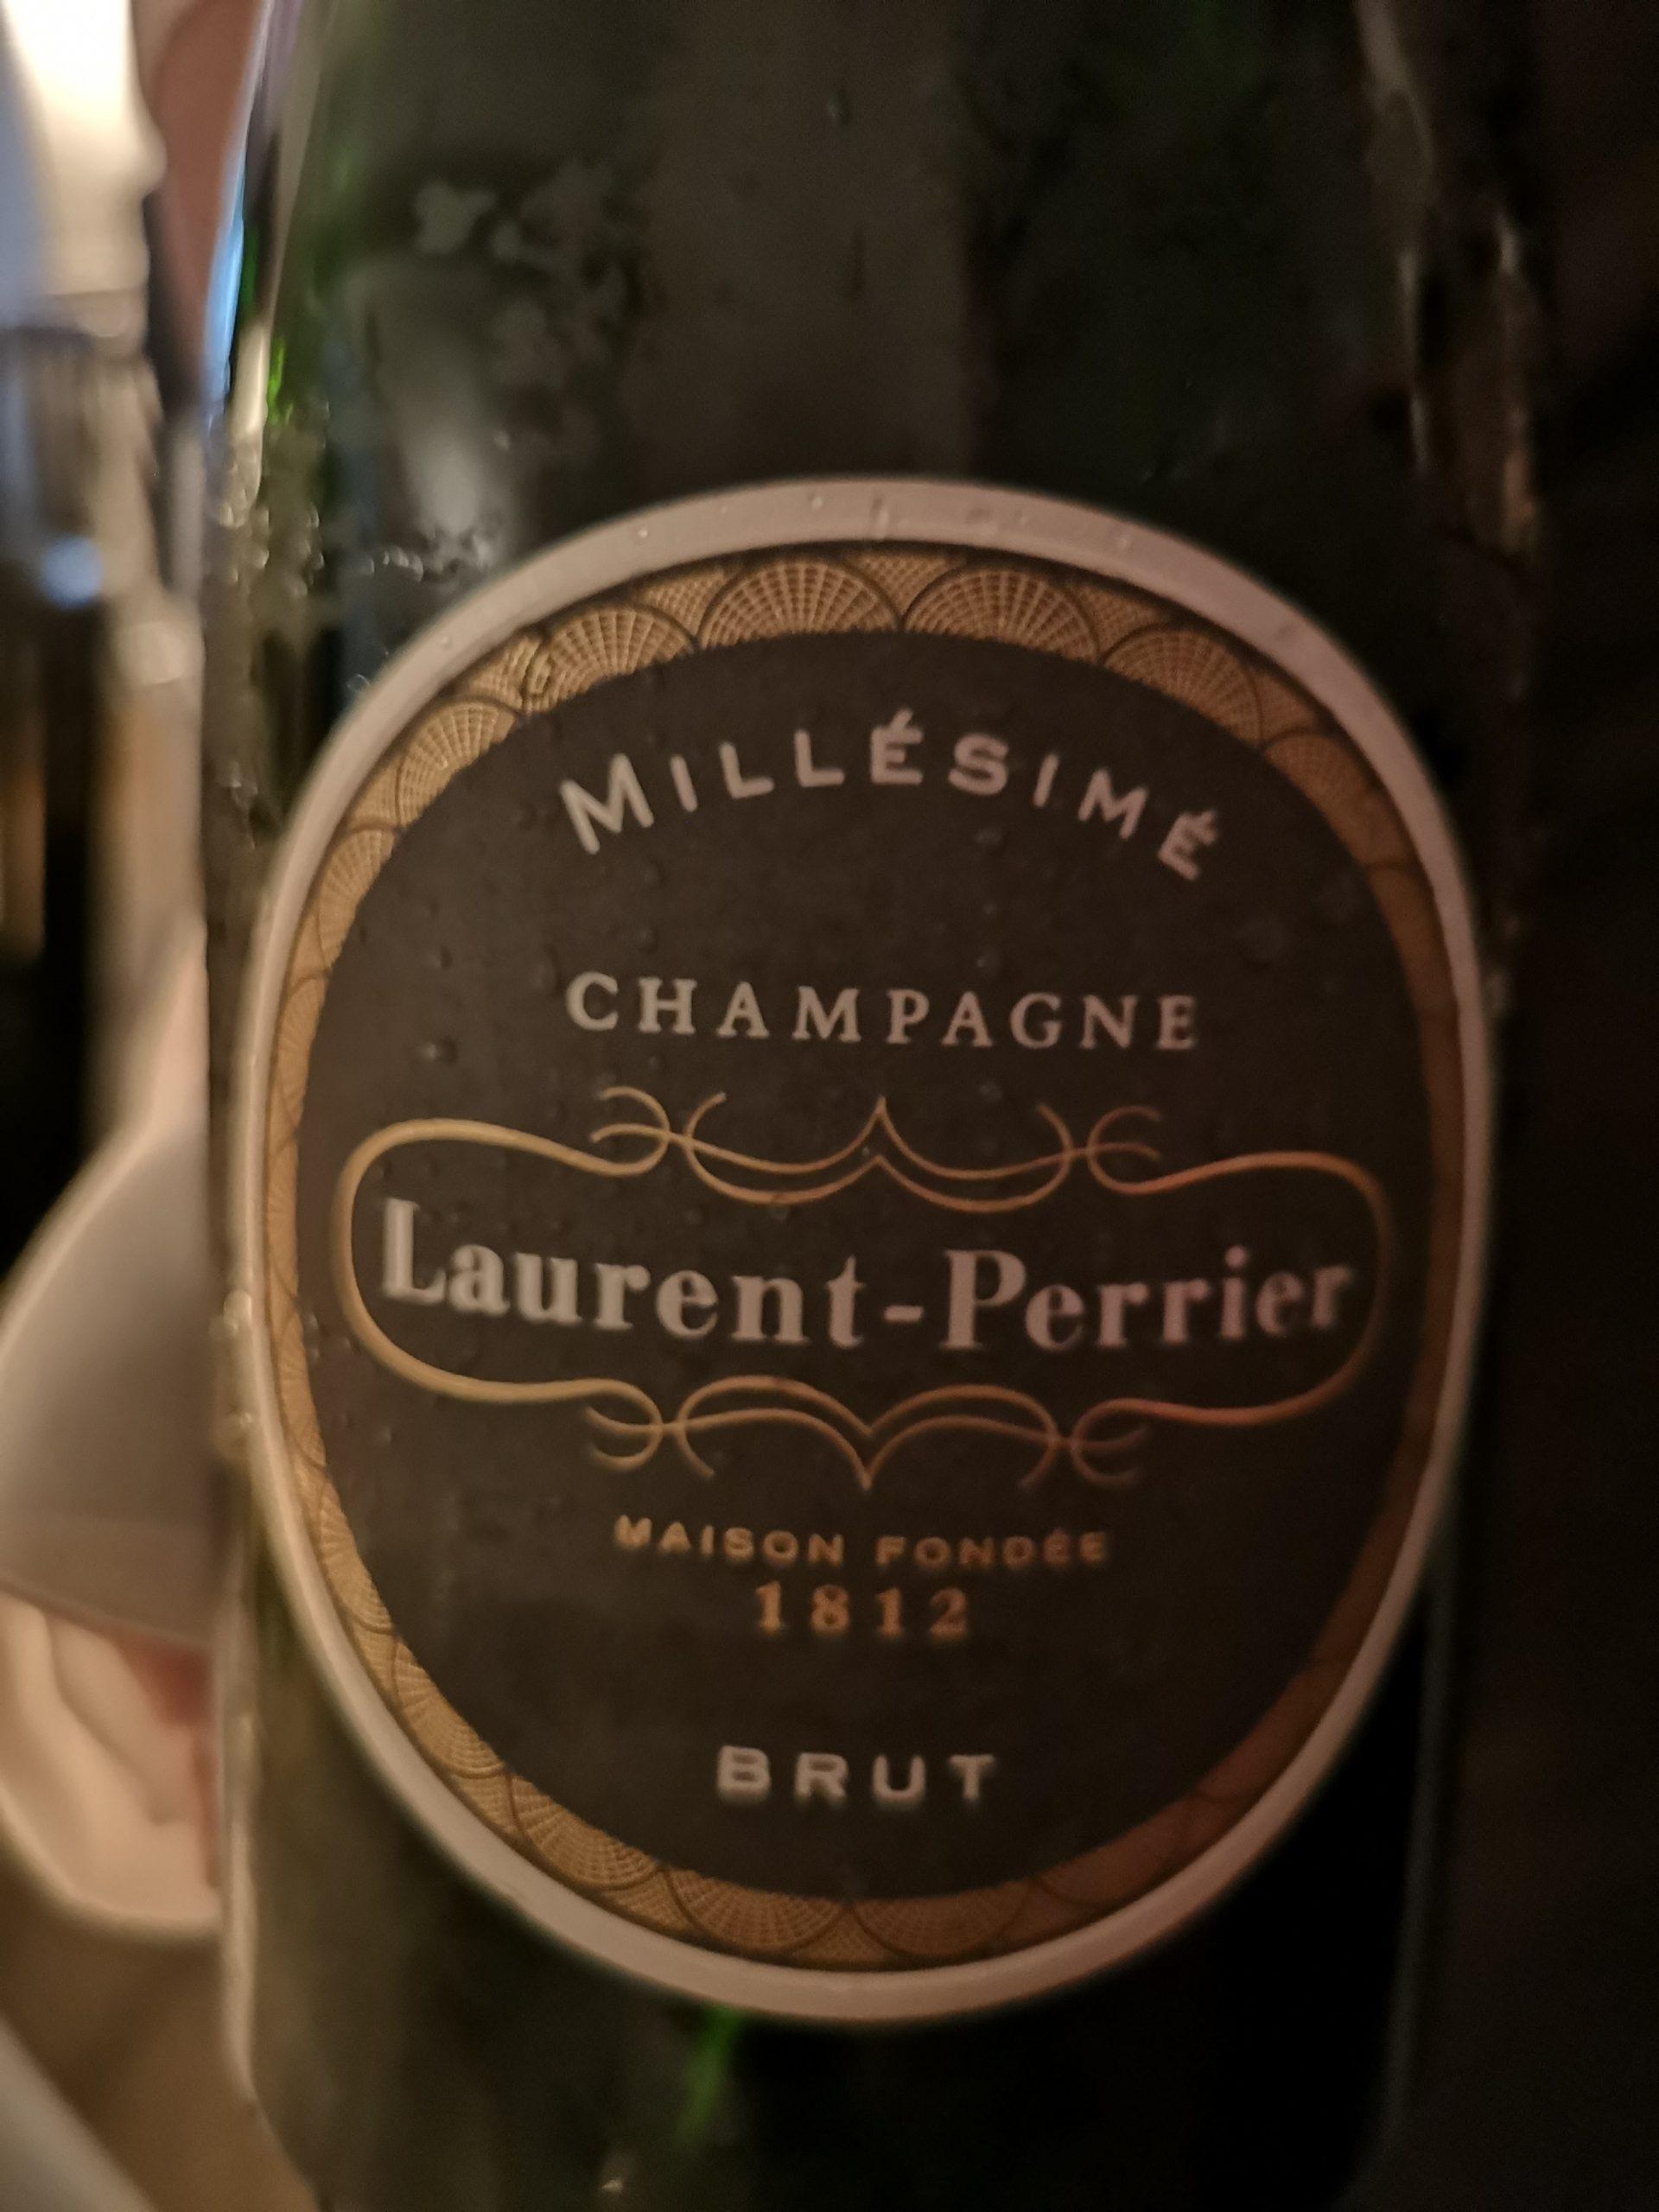 2008 Champagne Millésime | Laurent-Perrier